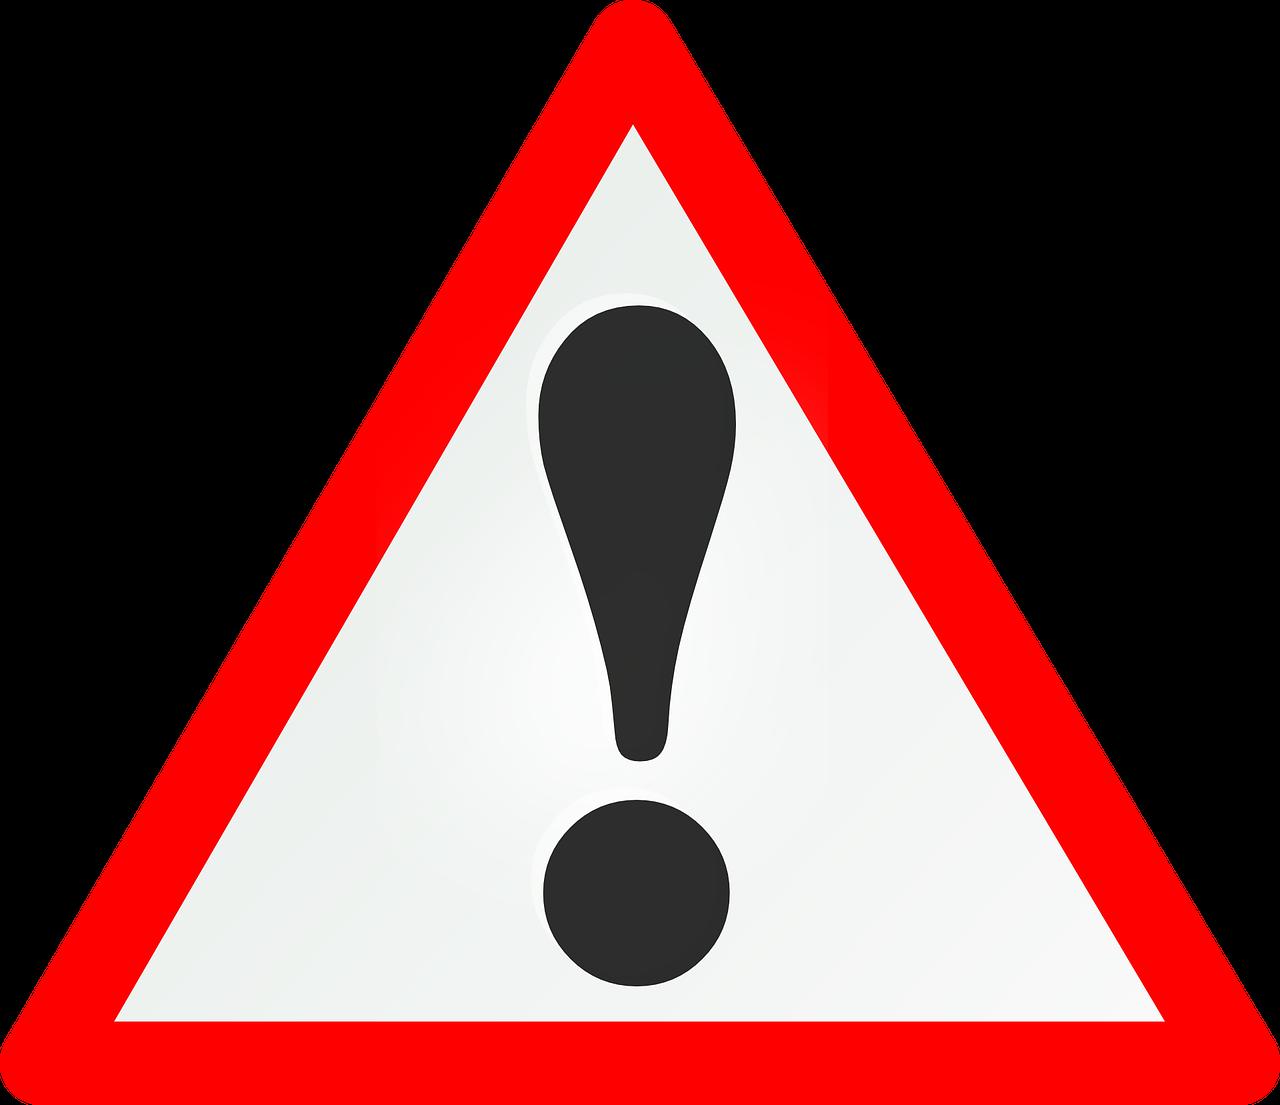 verkeersbord met uitroepteken